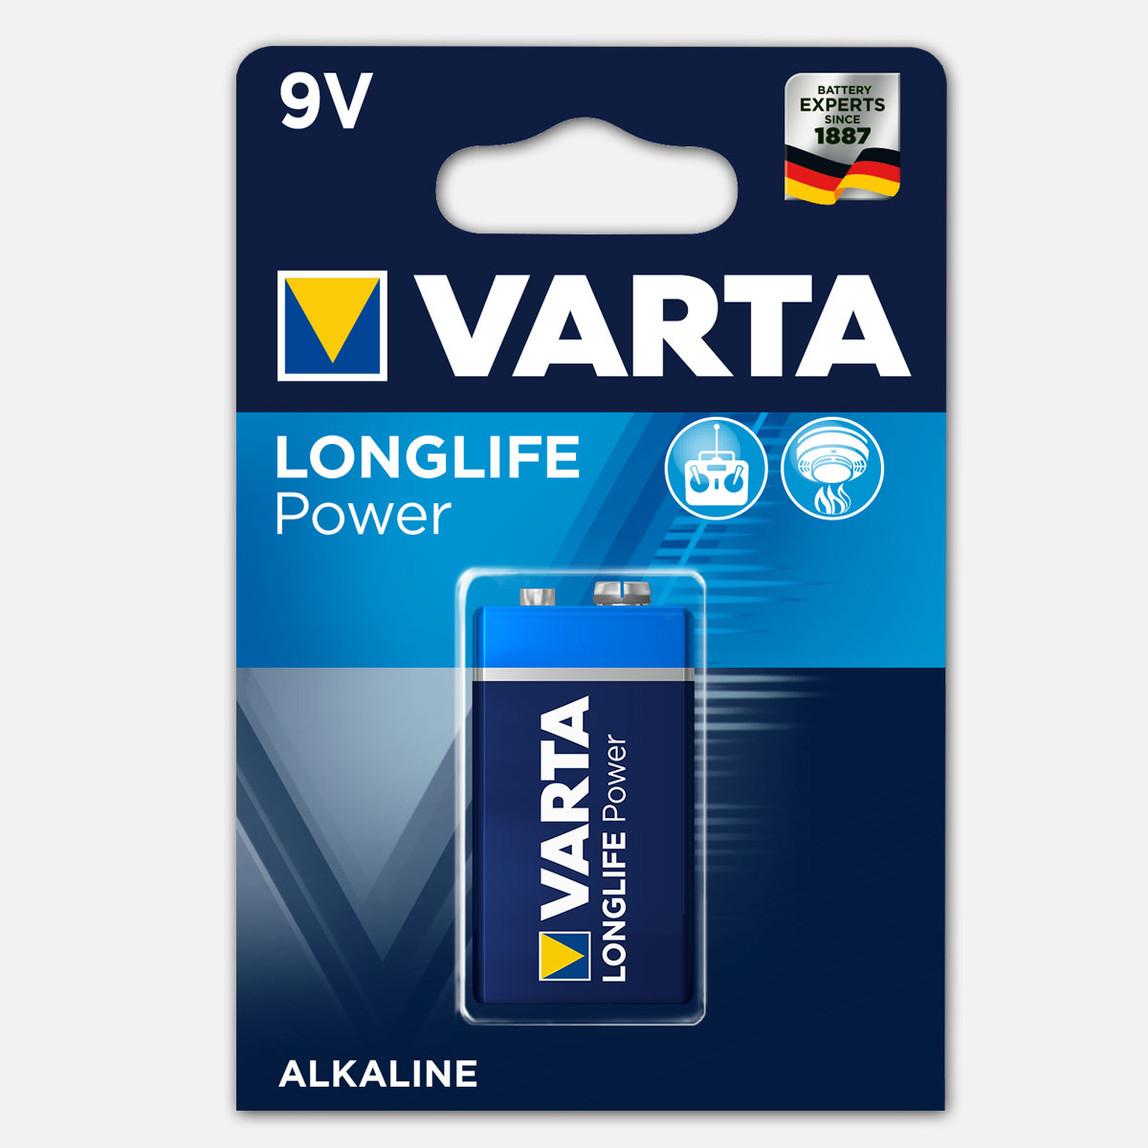 Varta Longlife Power  1 X 9 V Alkalin Pil